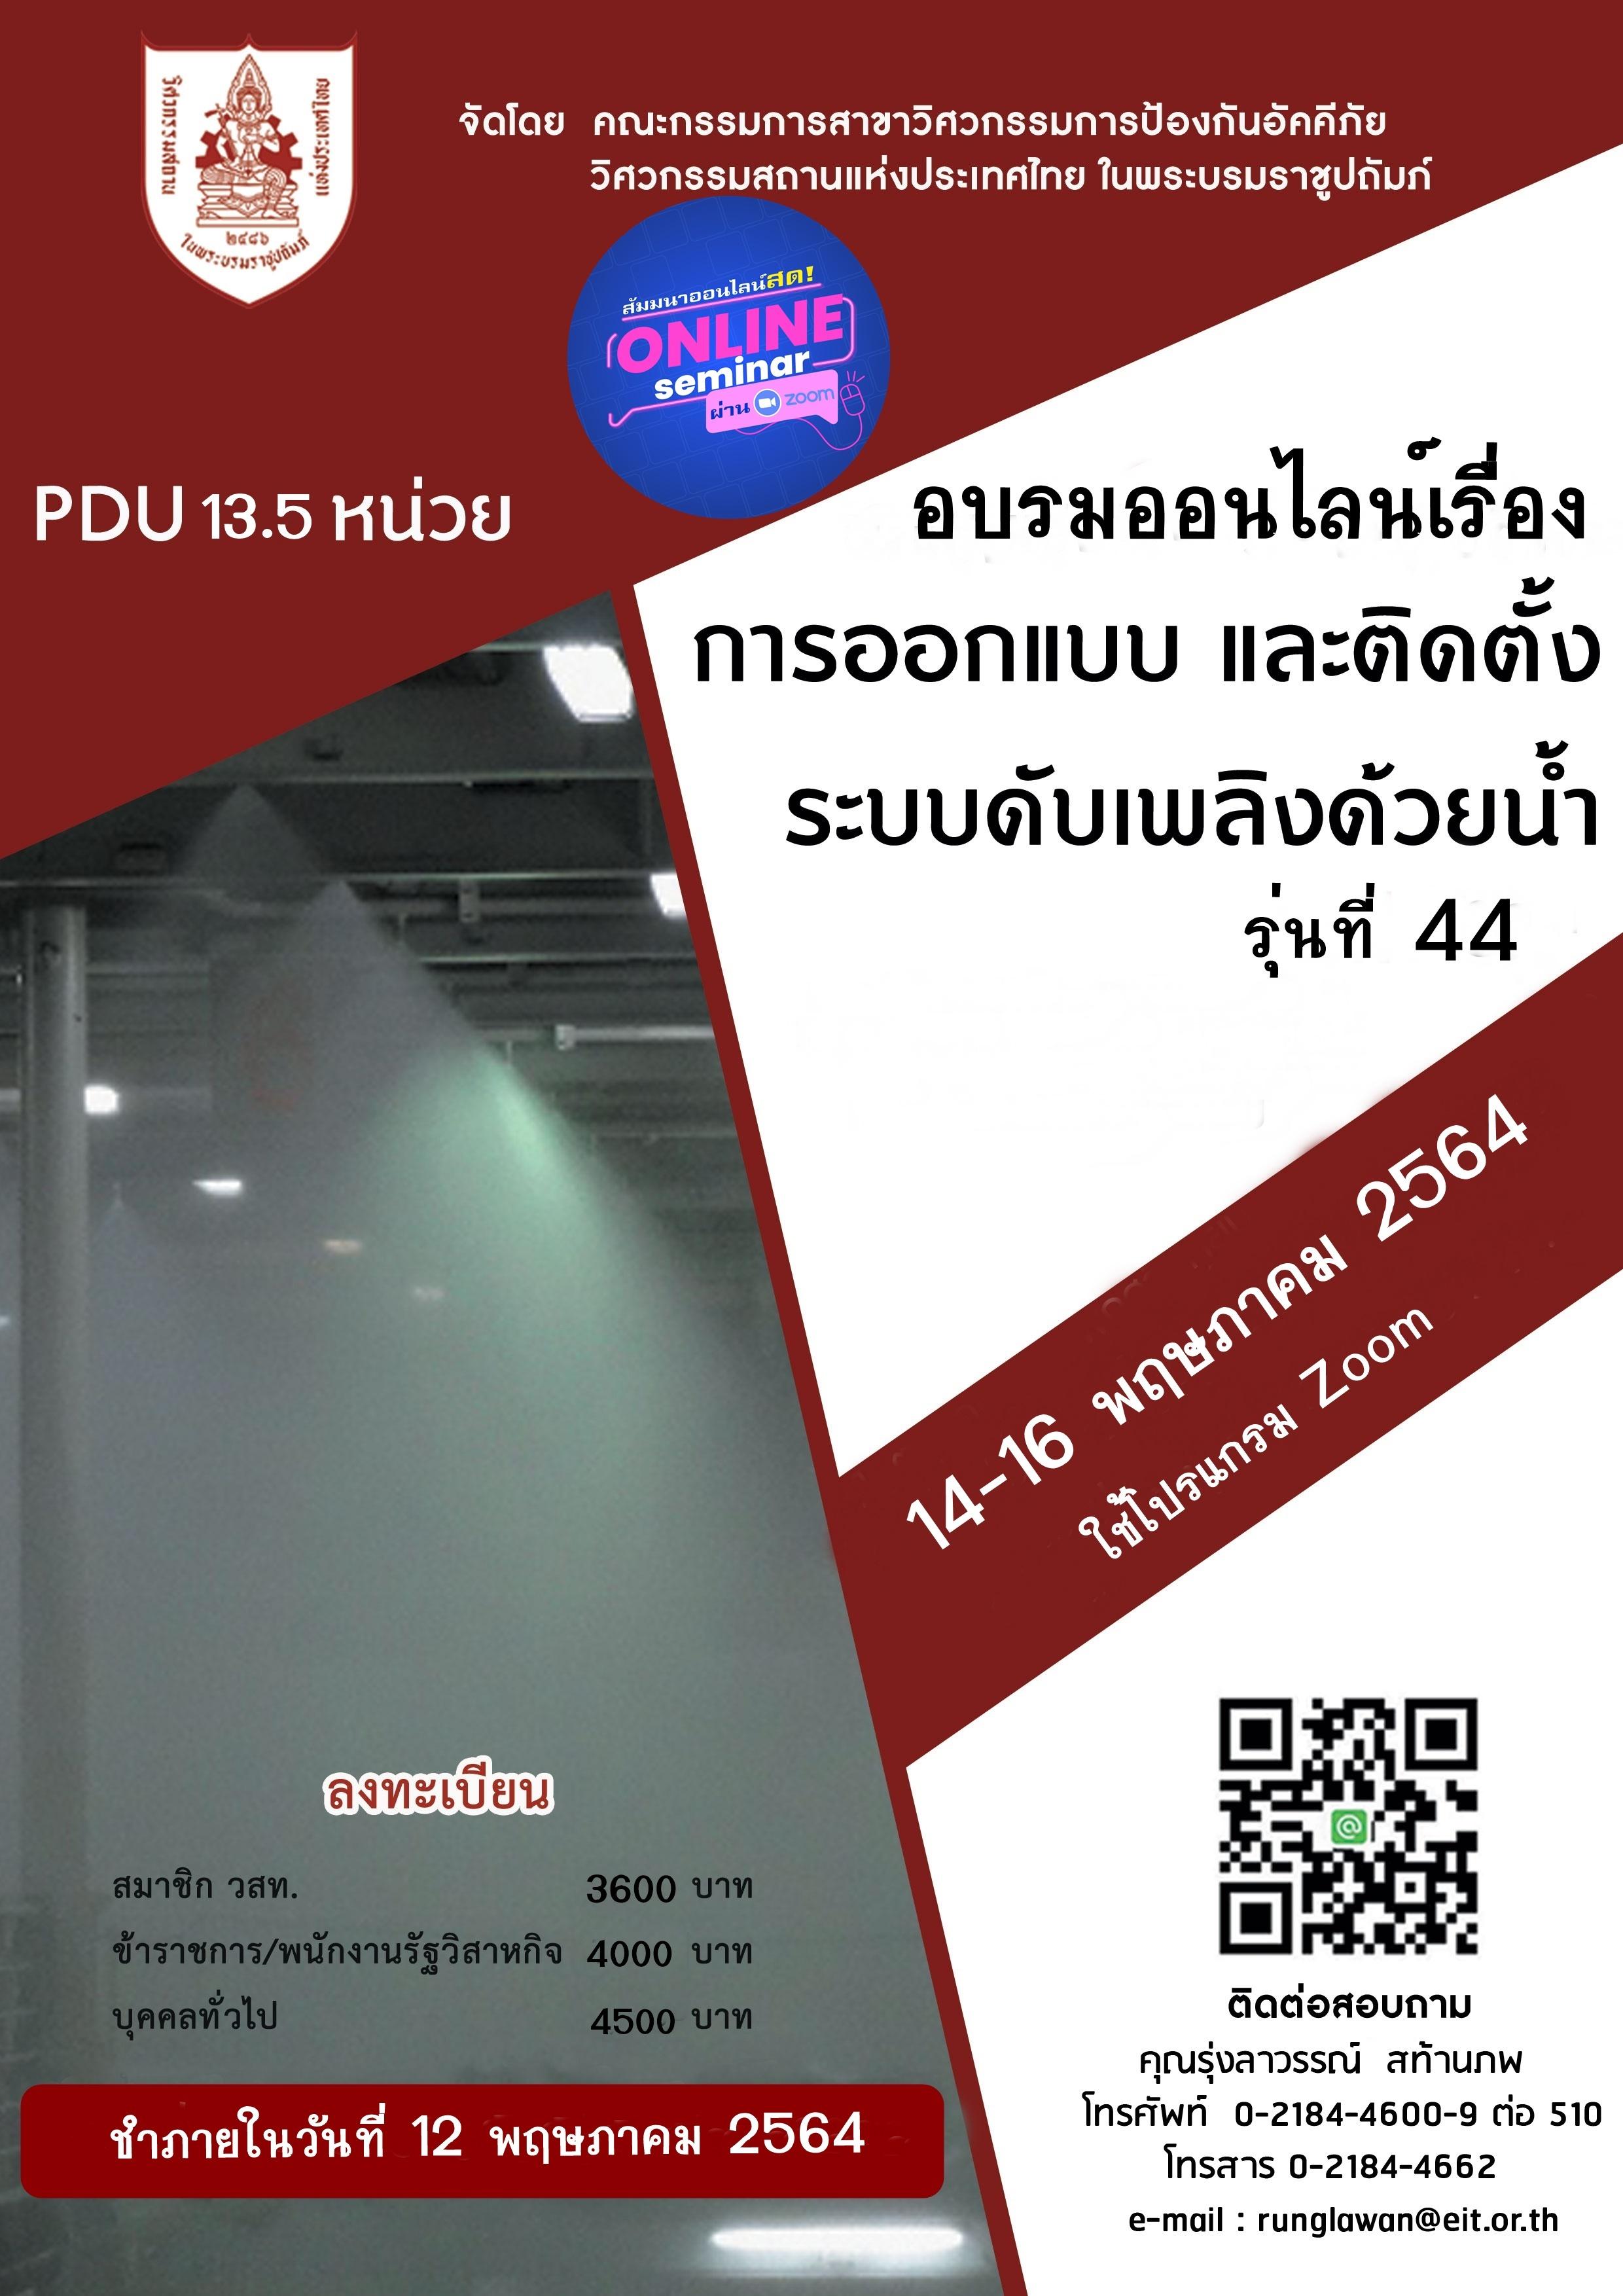 14-16/05/2564การอบรมออนไลน์เรื่อง การออกแบบ และติดตั้งระบบดับเพลิงด้วยน้ำ รุ่นที่ 44 ใช้โปรแกรม zoom